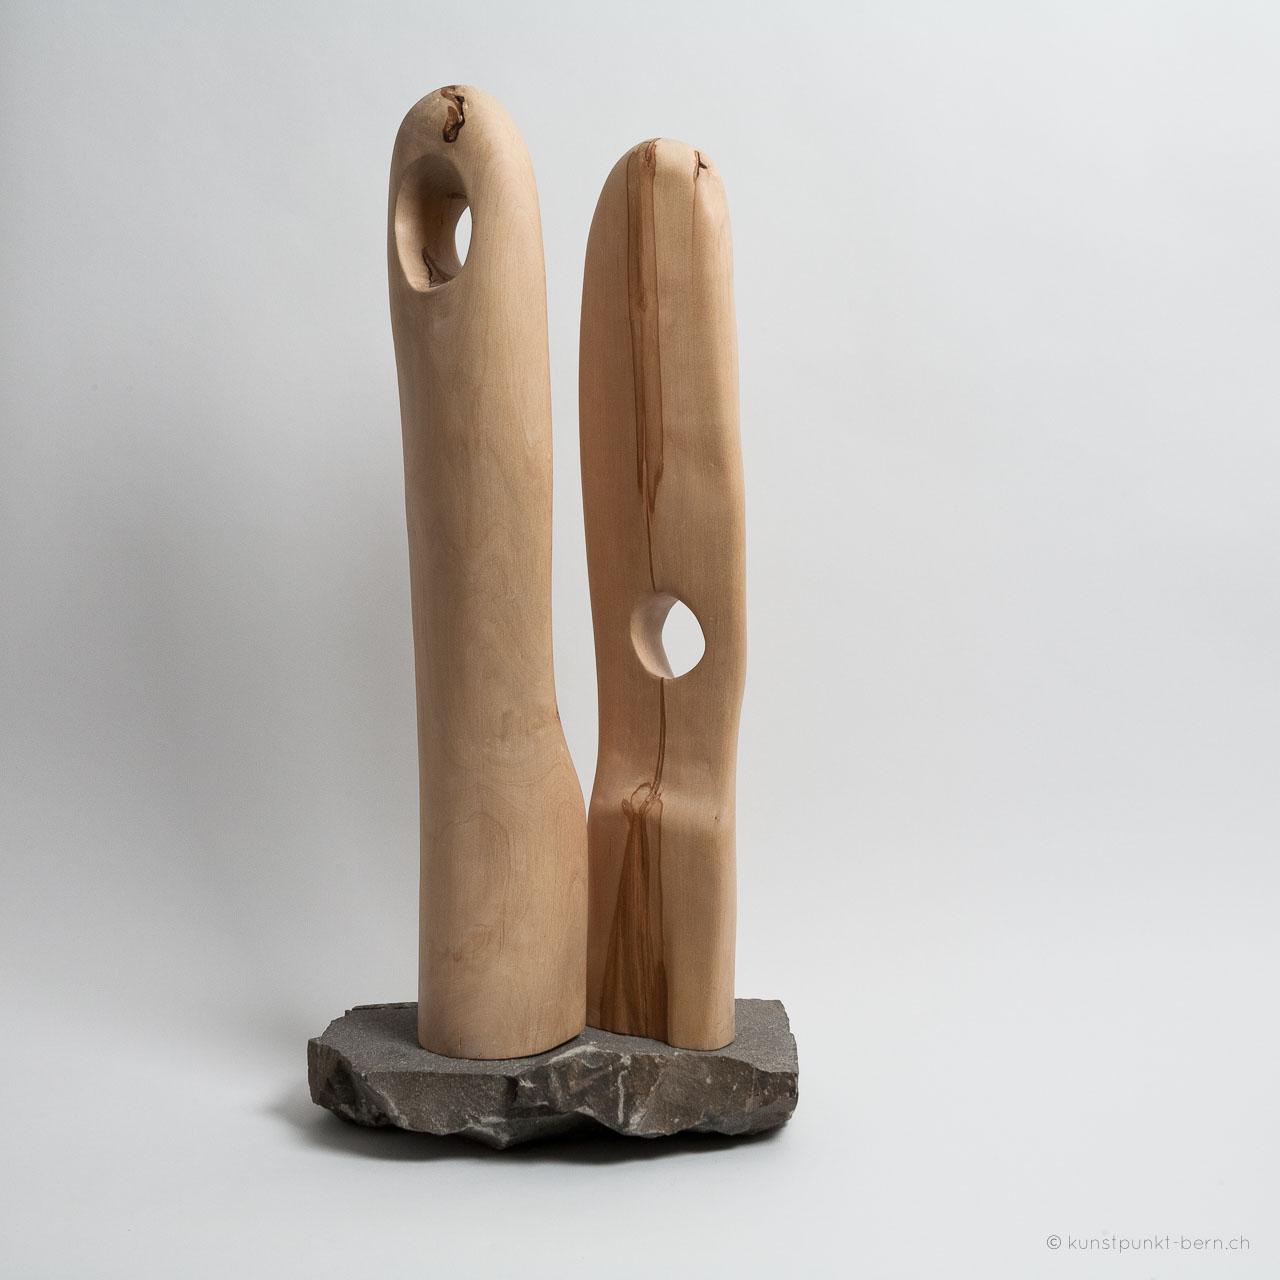 Lichtflucht - Holzskulptur - von Judith Kaffka - kunstpunkt-bern.ch